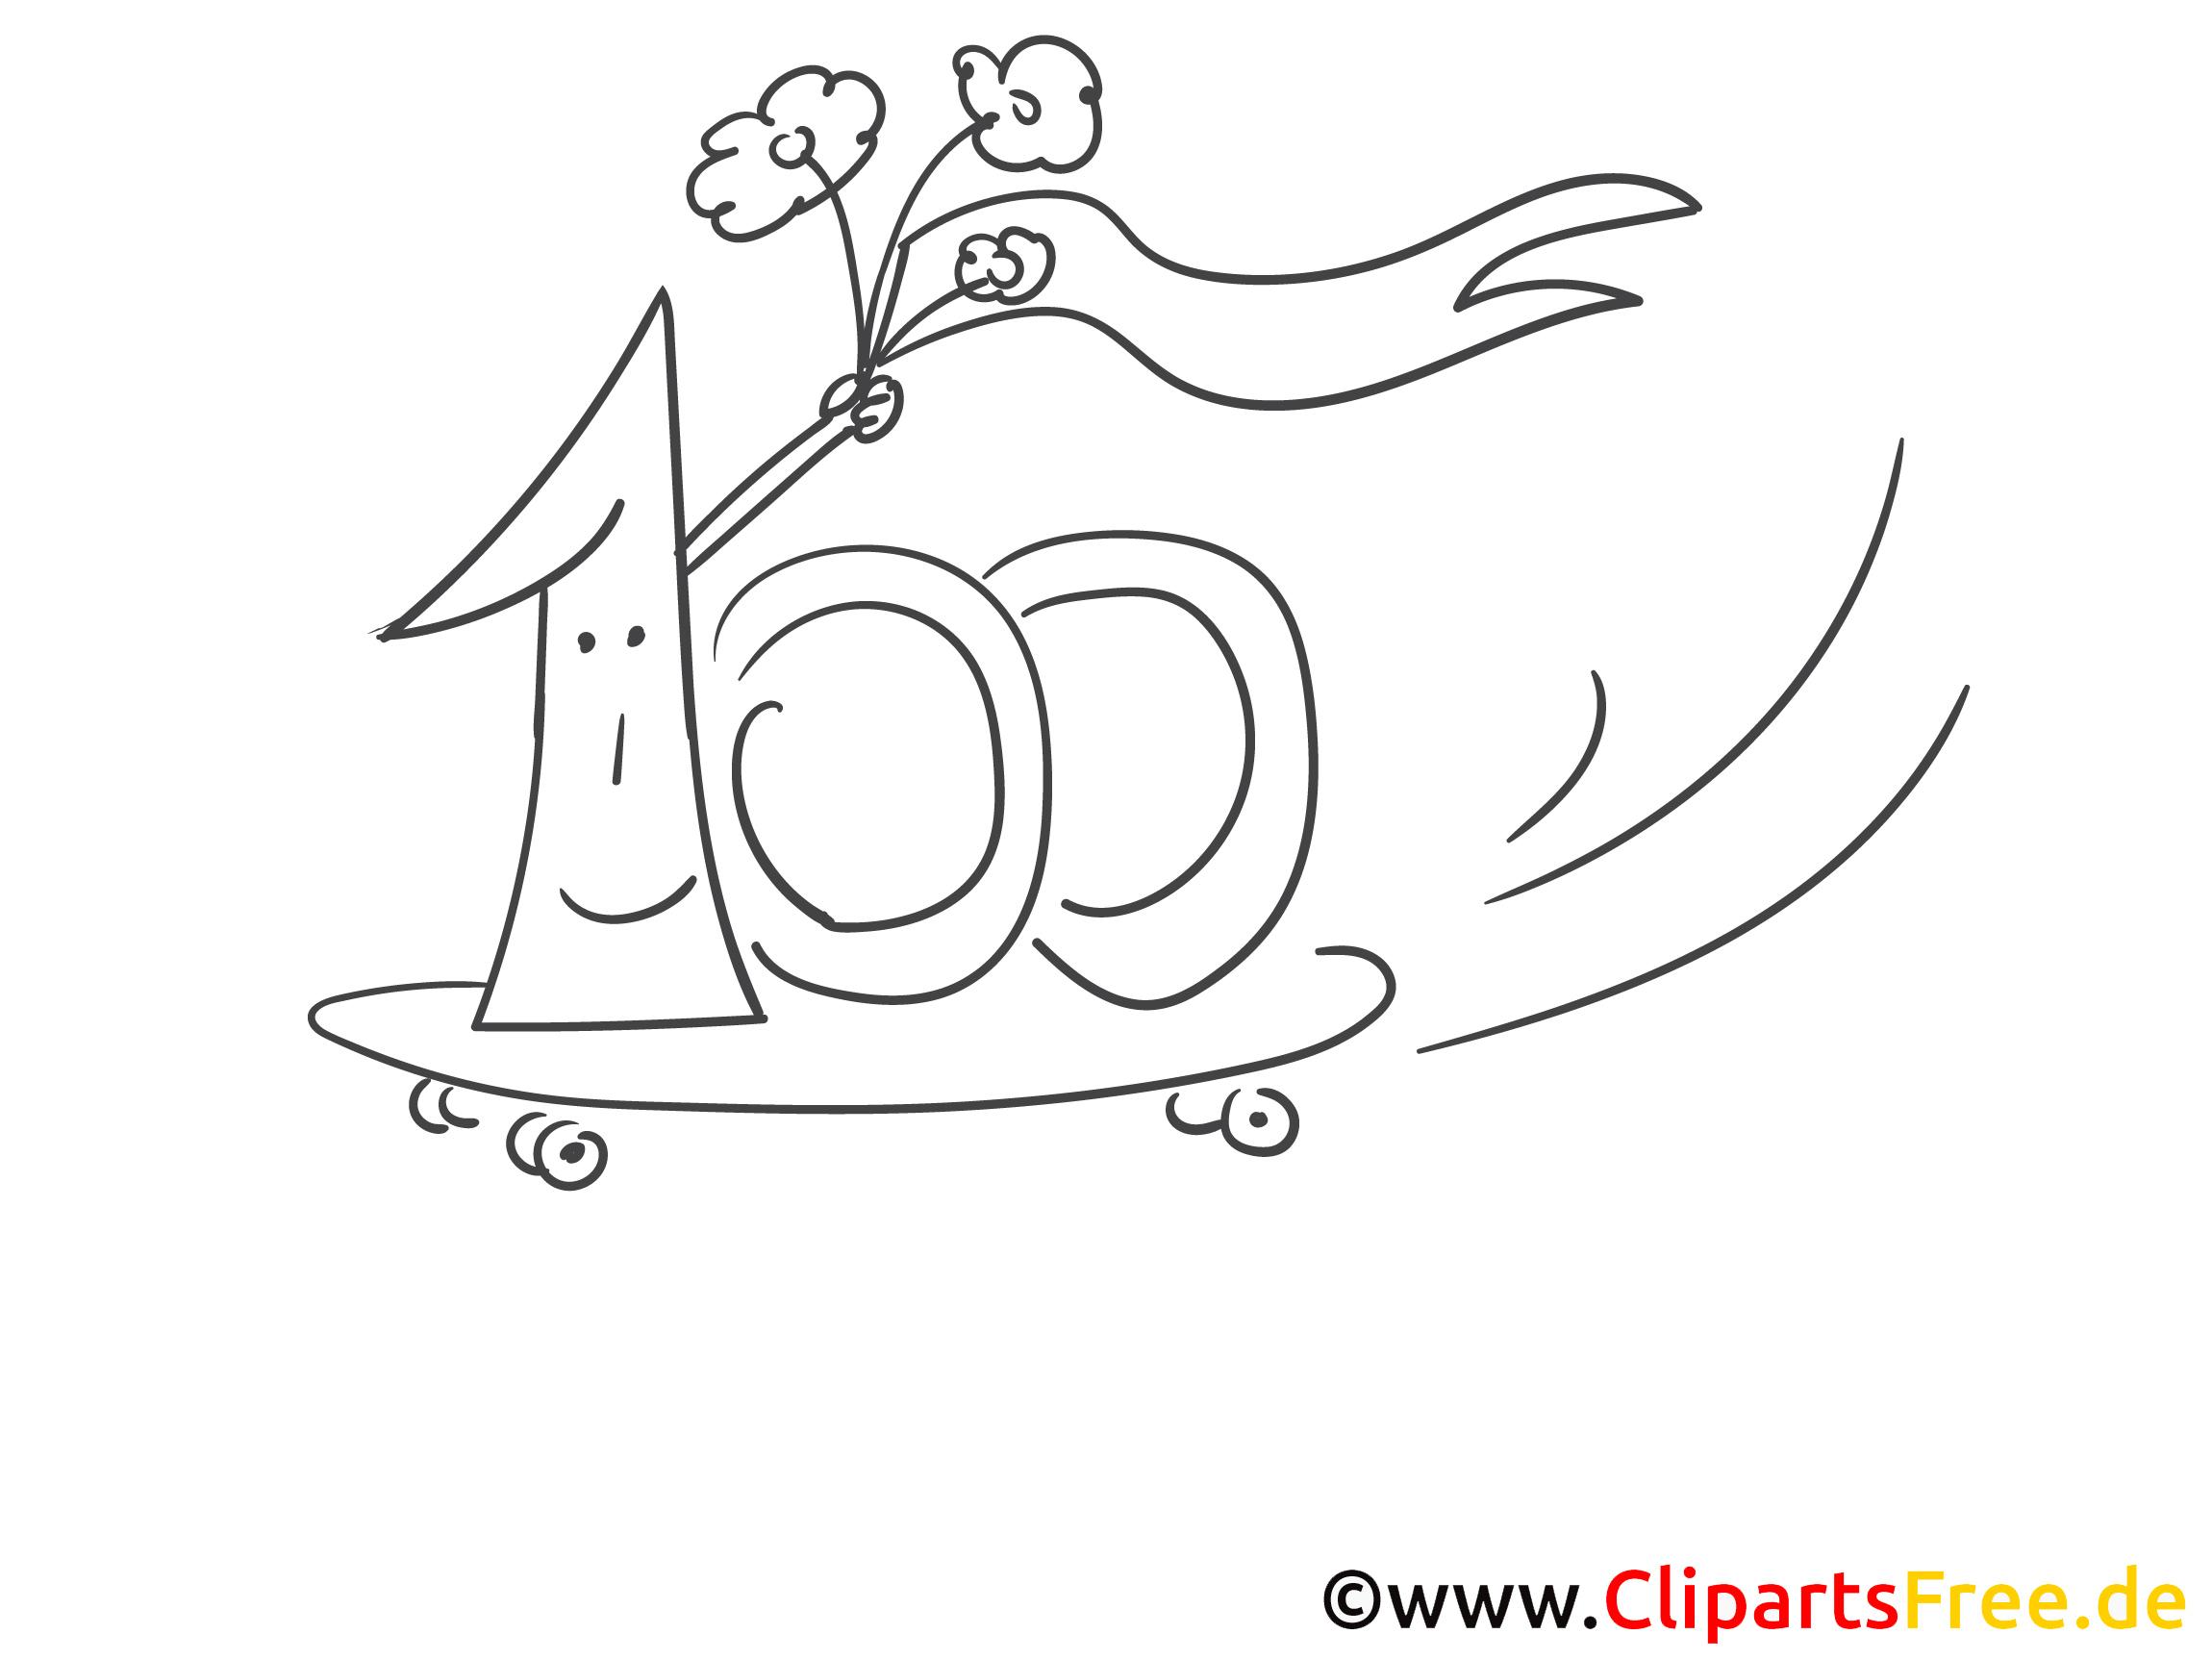 Tolle Skateboard Logo Malvorlagen Galerie - Malvorlagen Von Tieren ...